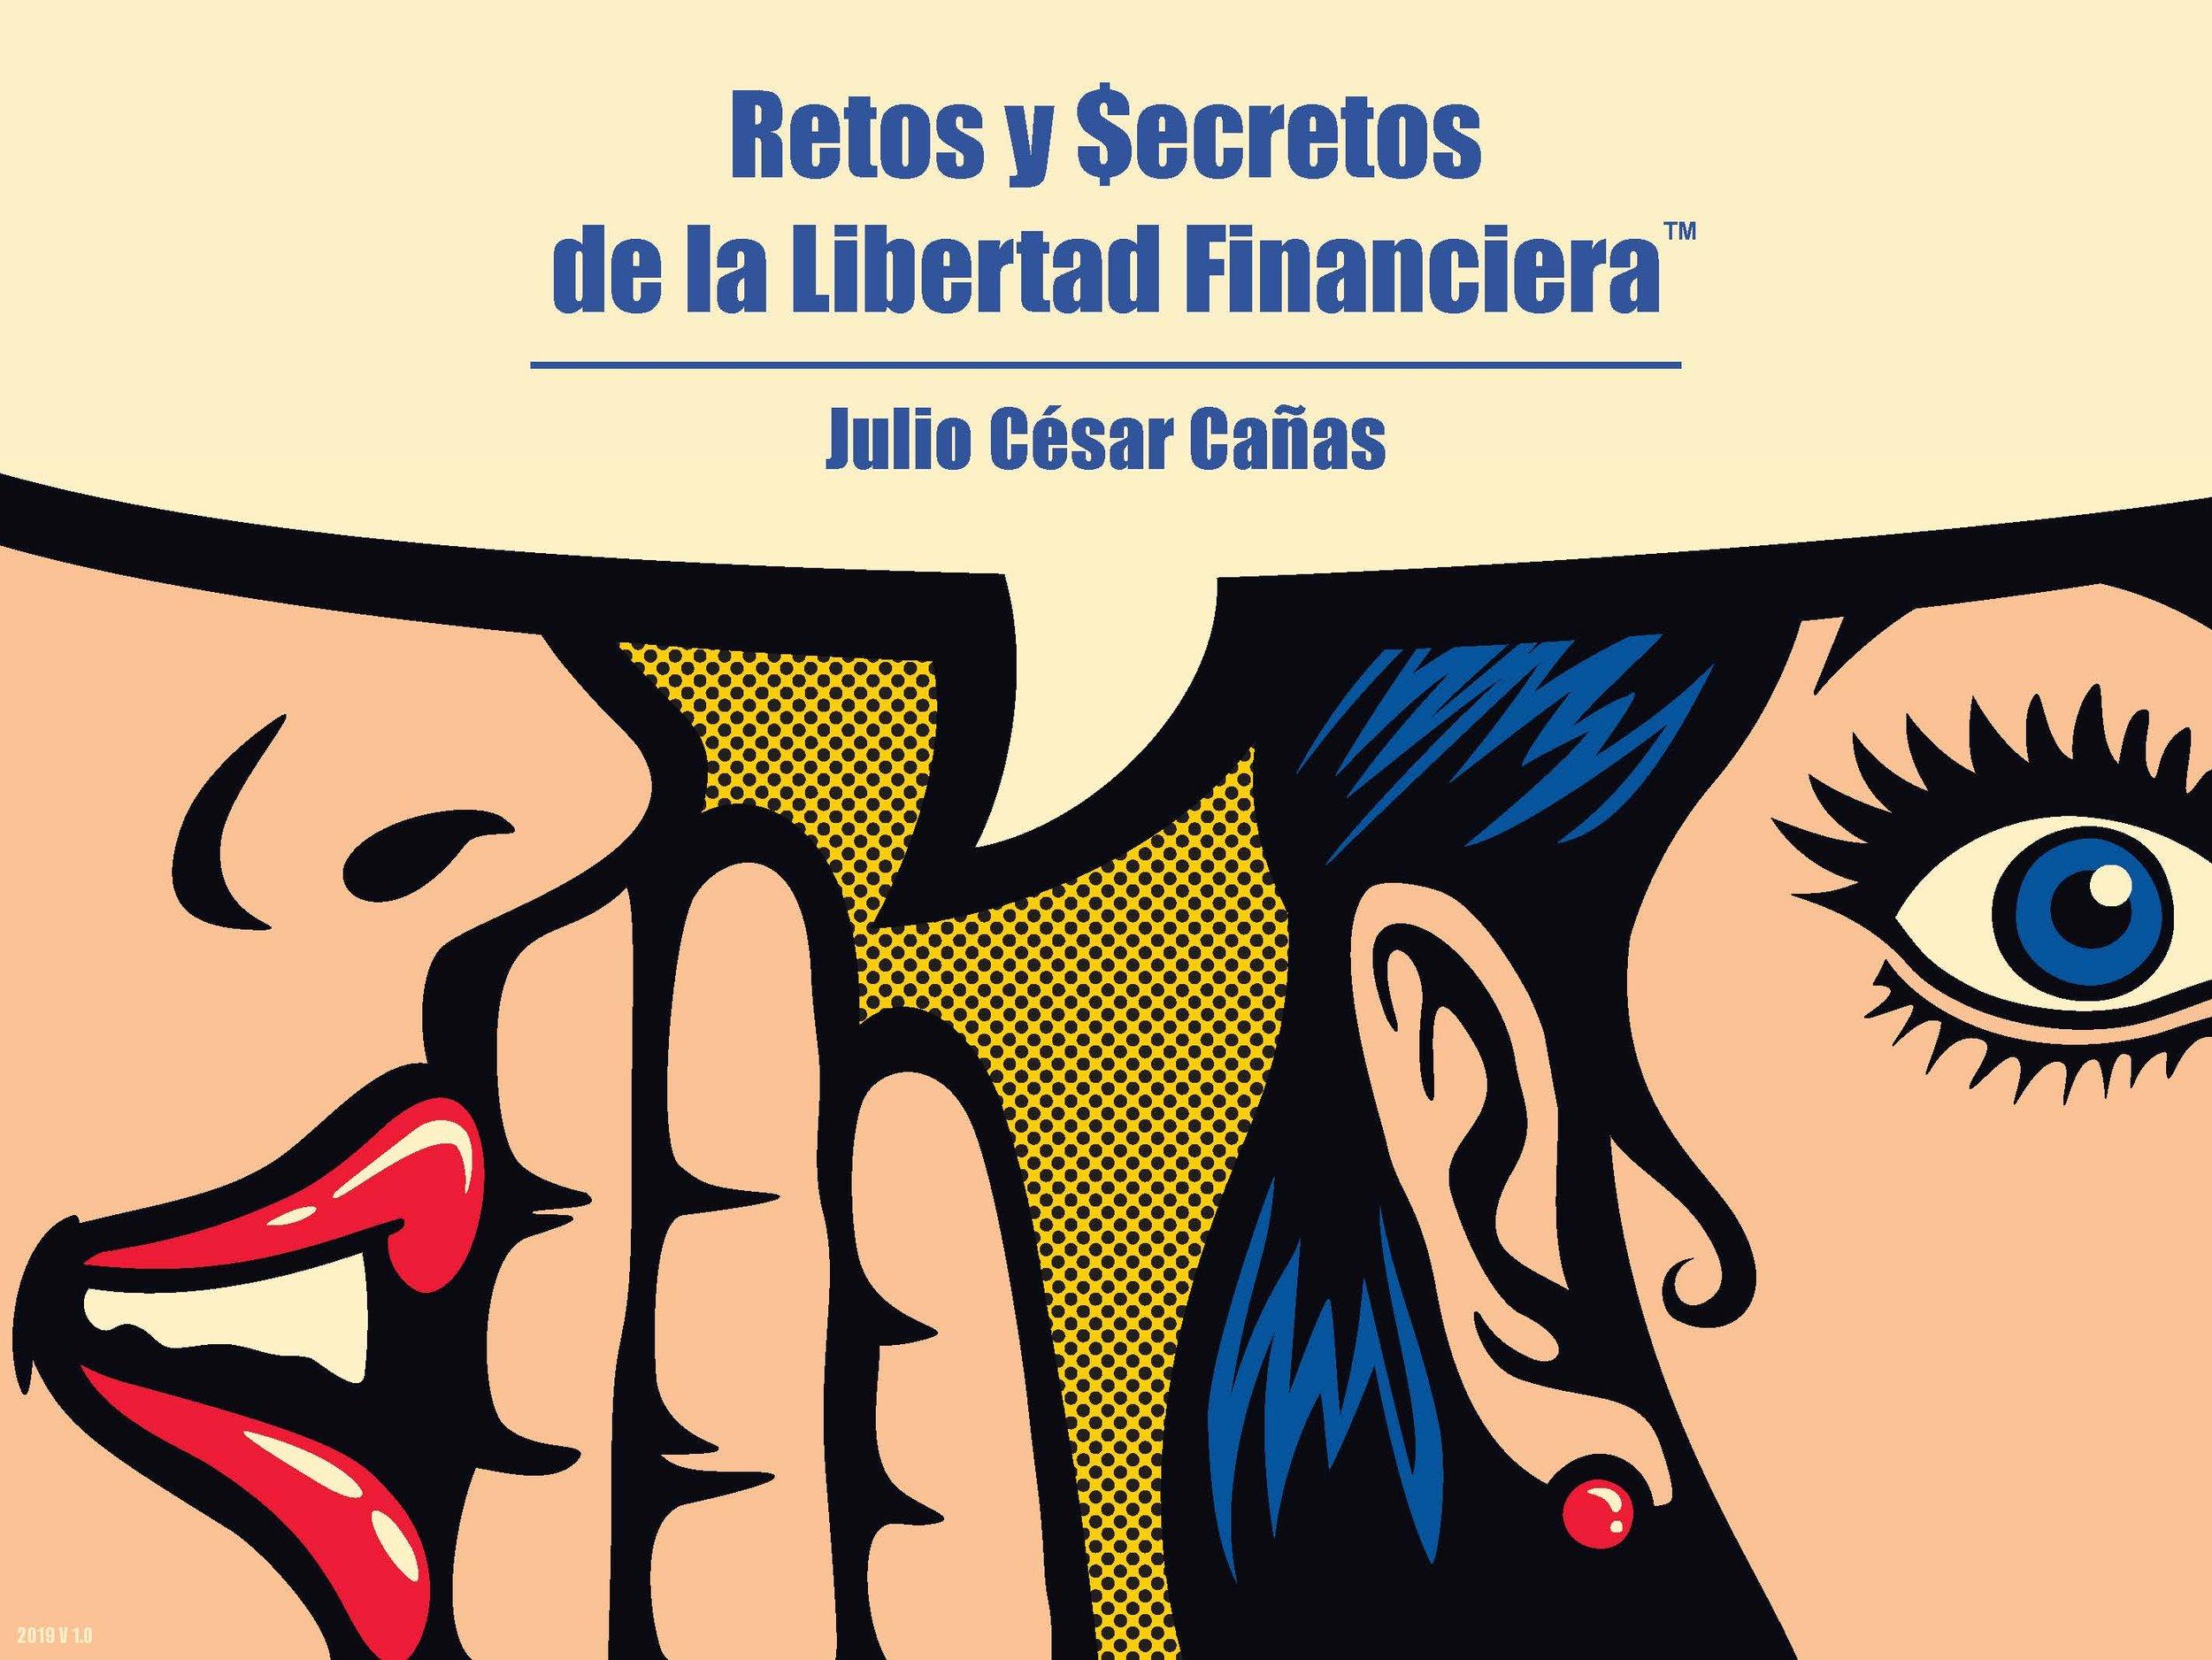 Retos y Secretos de la Libertad Financiera por Julio Cesar Cañas 1.2_Page_01.jpg